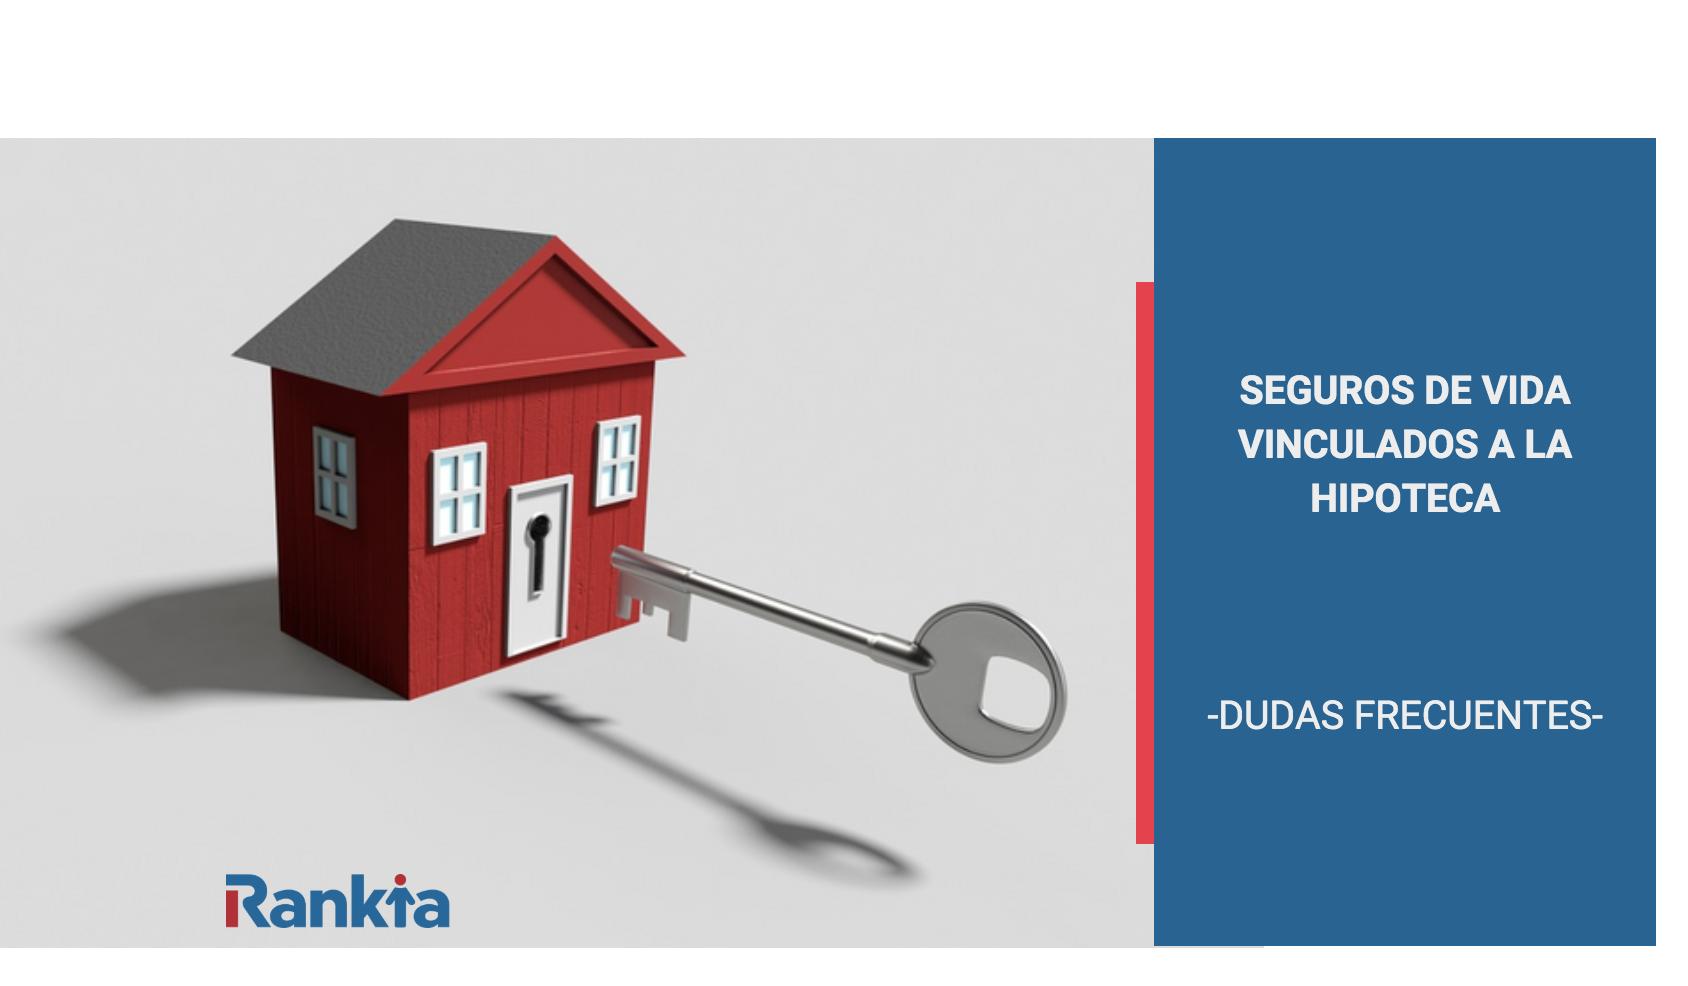 Dudas frecuentes seguros de vida vinculados a la hipoteca